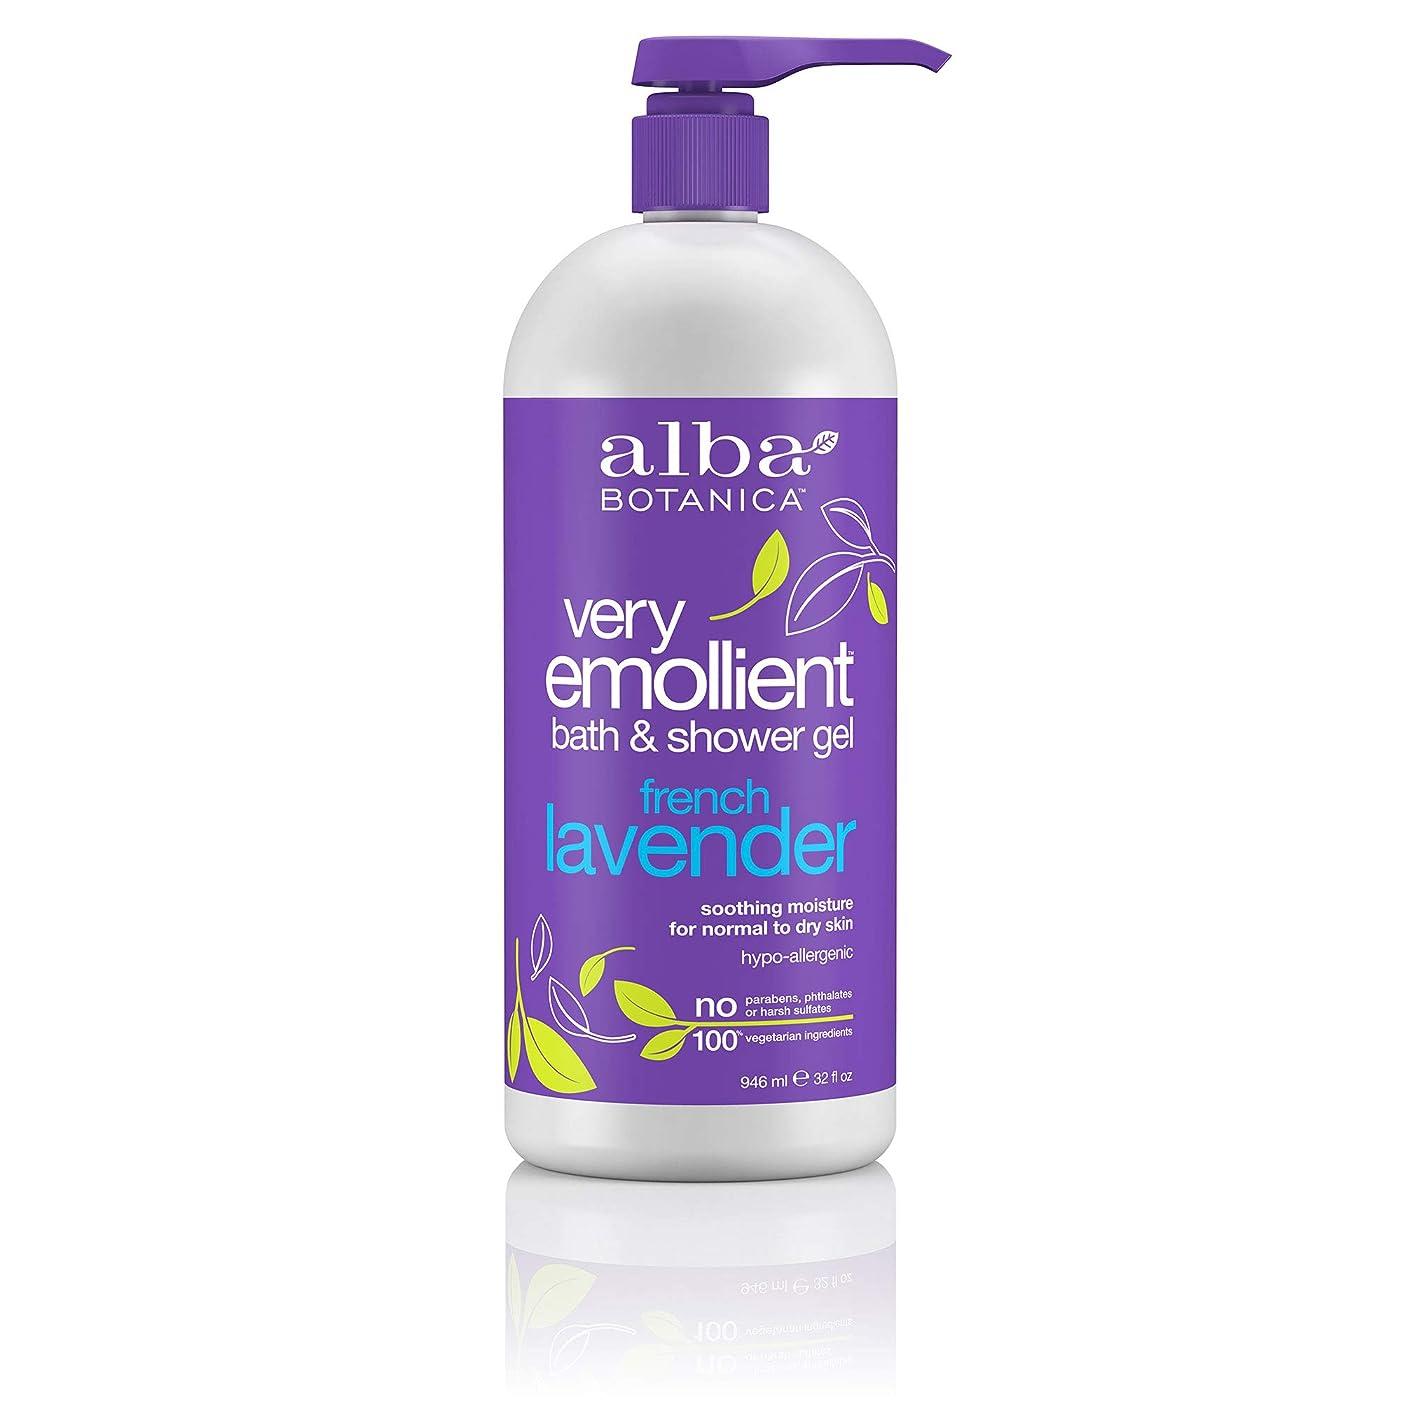 モンスター冗長規範Alba Botanica, Very Emollient, Bath & Shower Gel, French Lavender, 32 fl oz (950 ml)